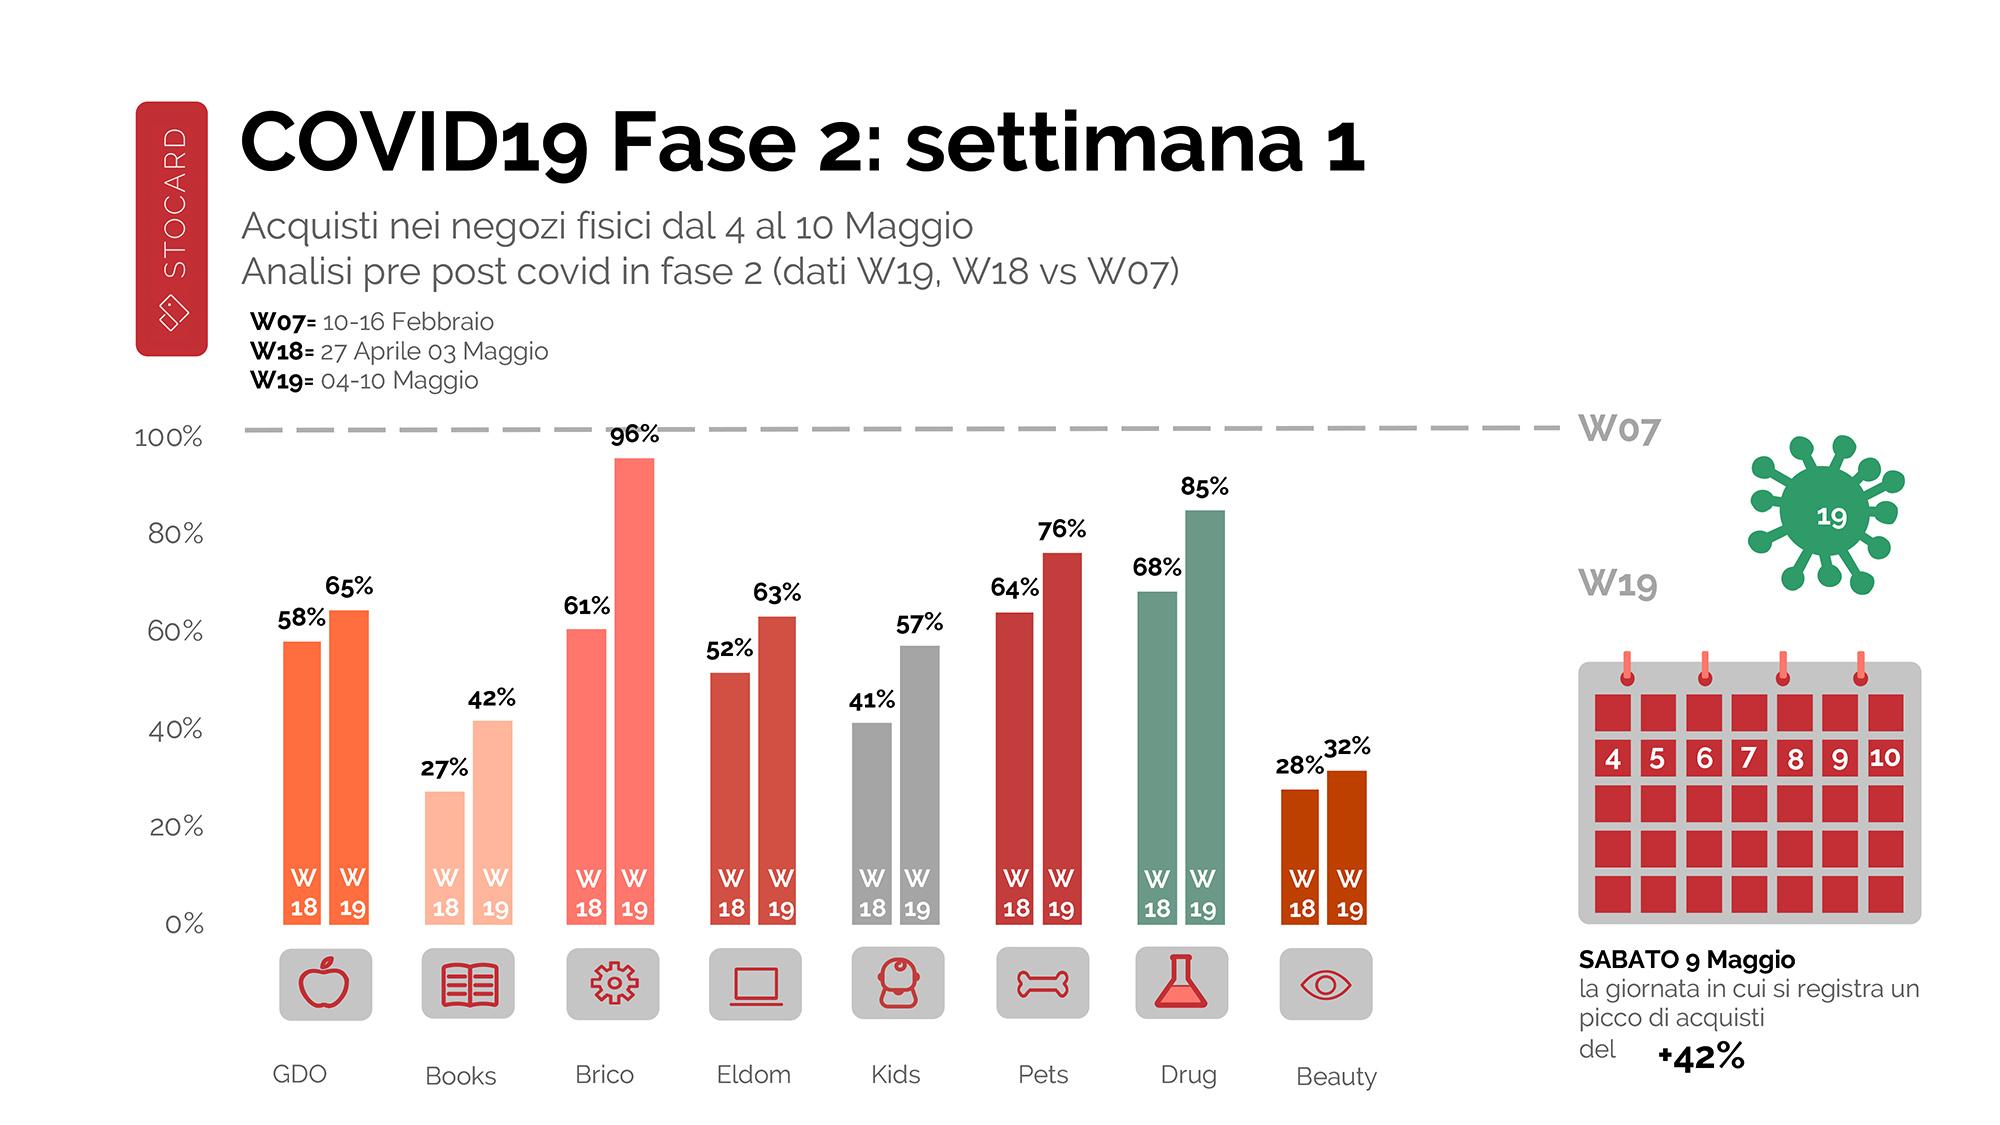 FASE2 COVID19 -1